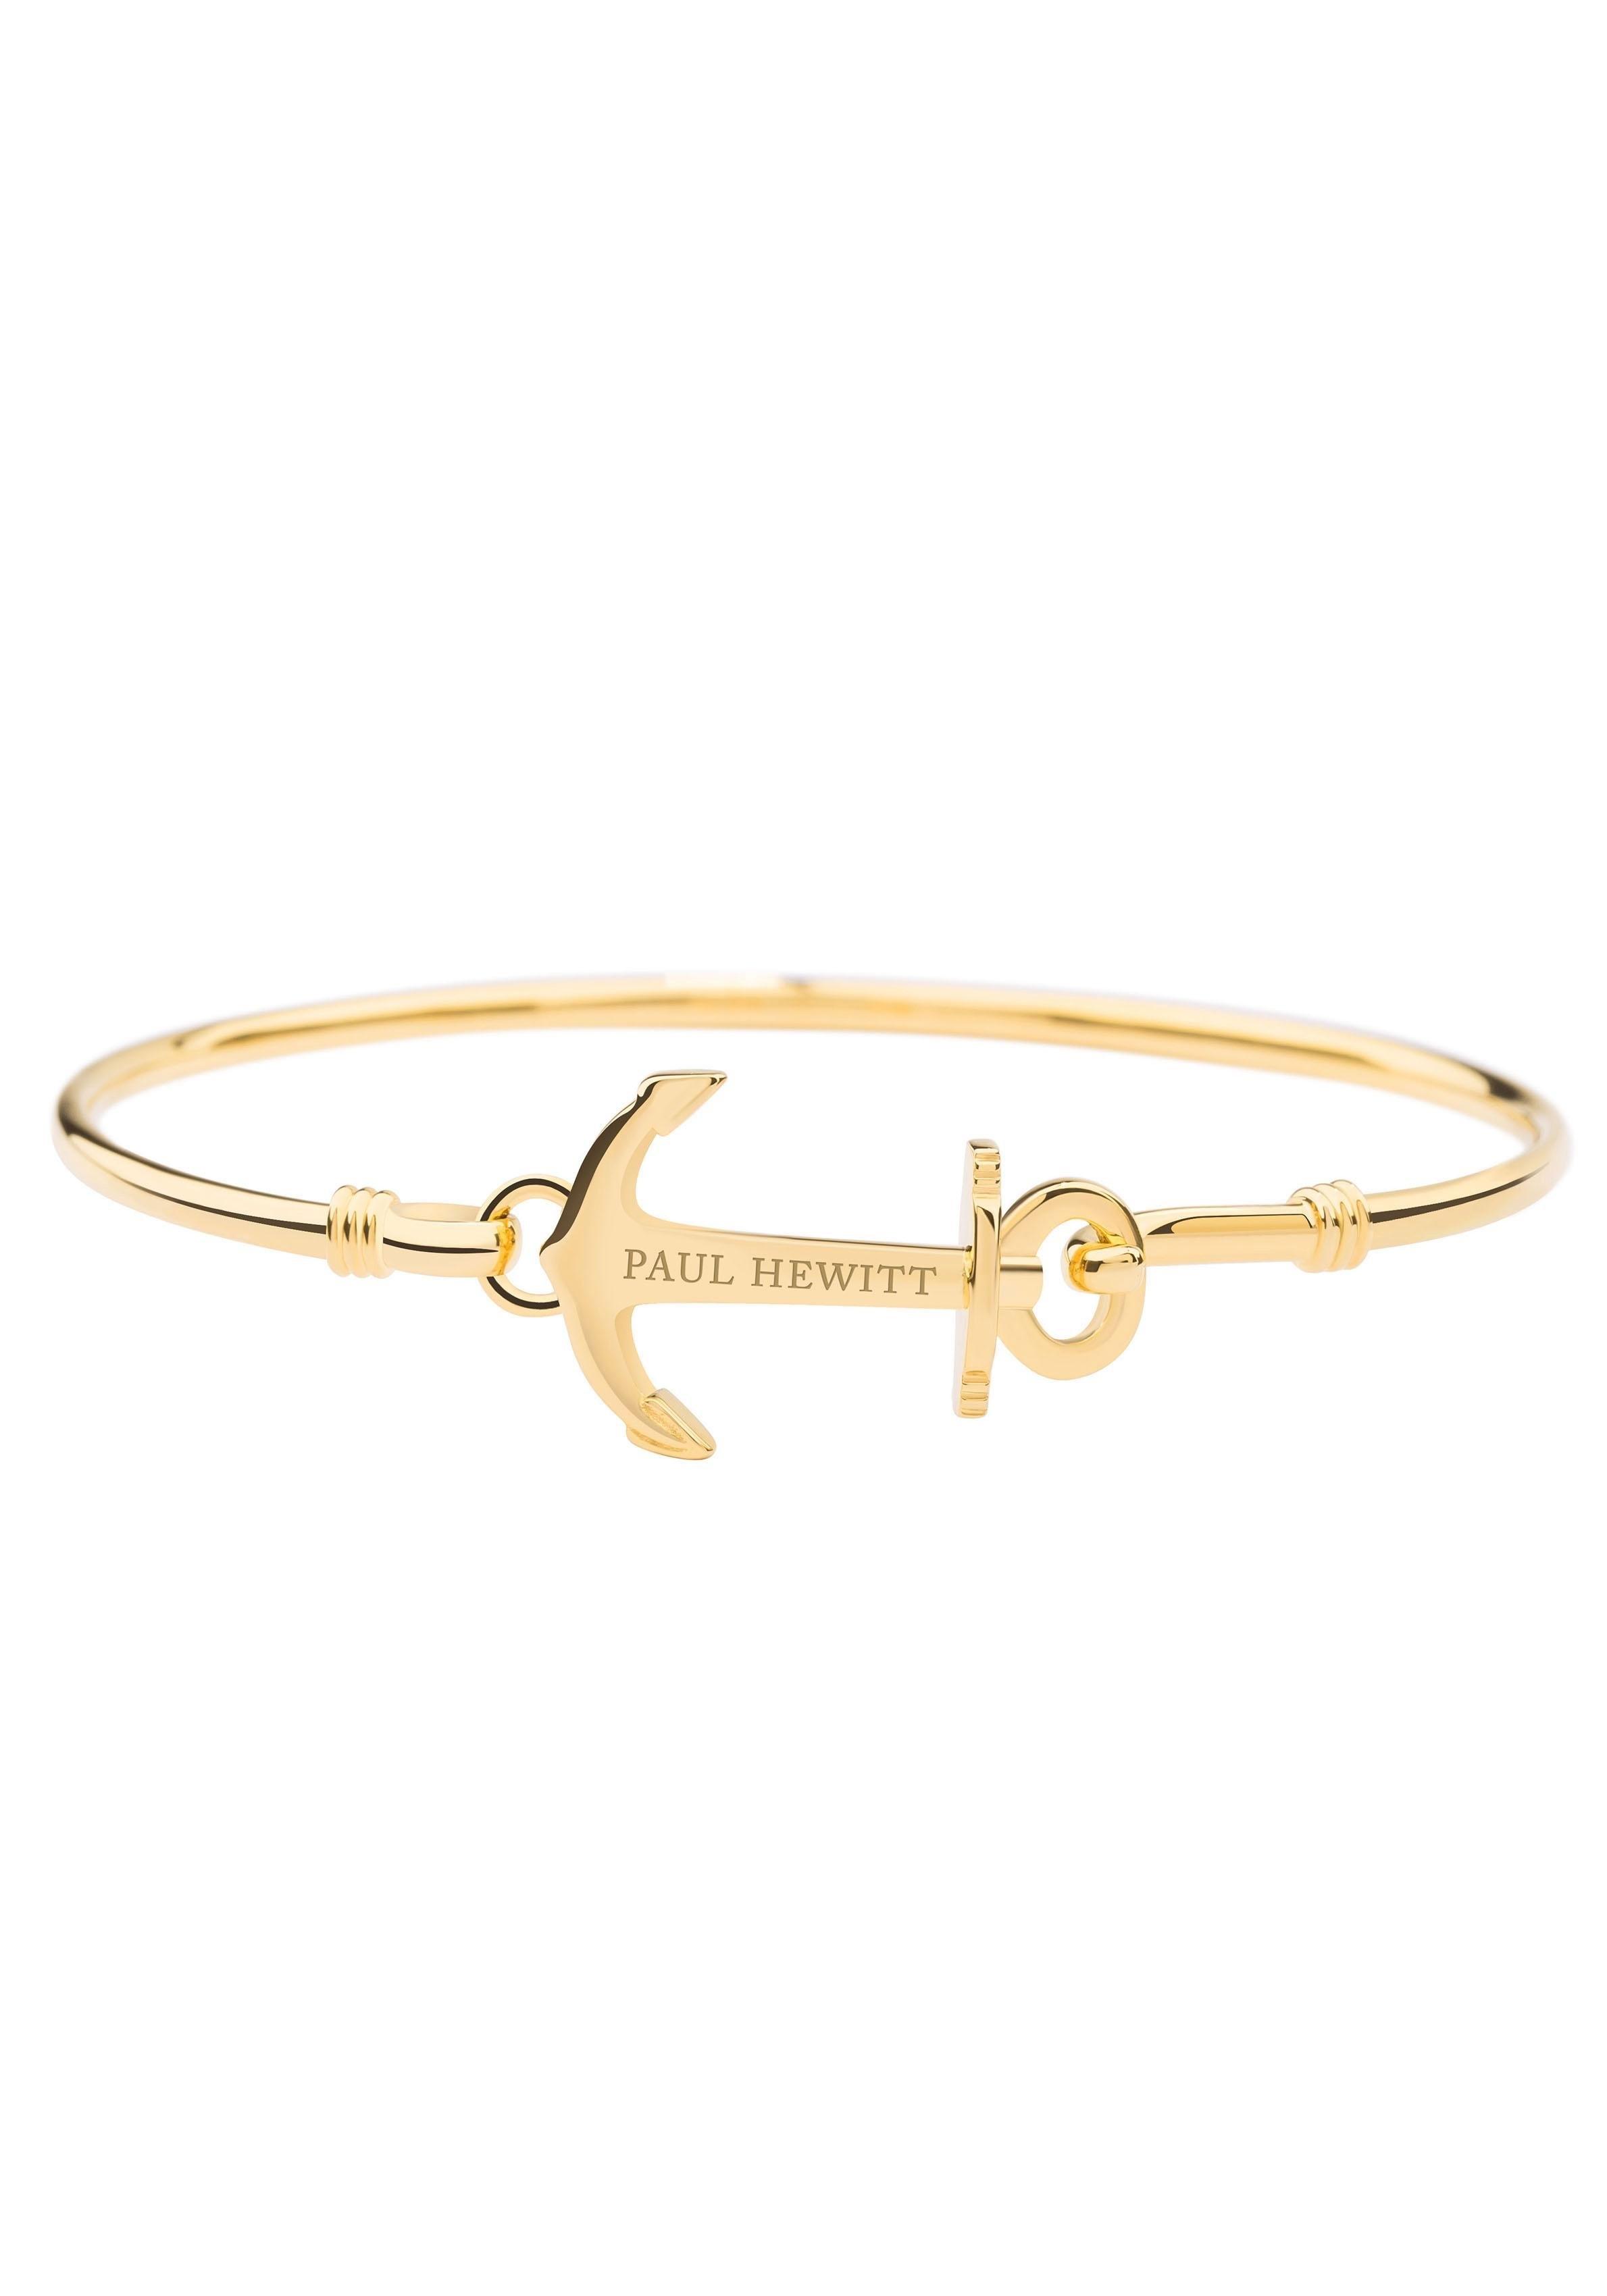 Paul Hewitt armband »Armreif Anchor Cuff IP Gold, Größe S, M, L, PH-BA-A-G-S, M, L« bij OTTO online kopen